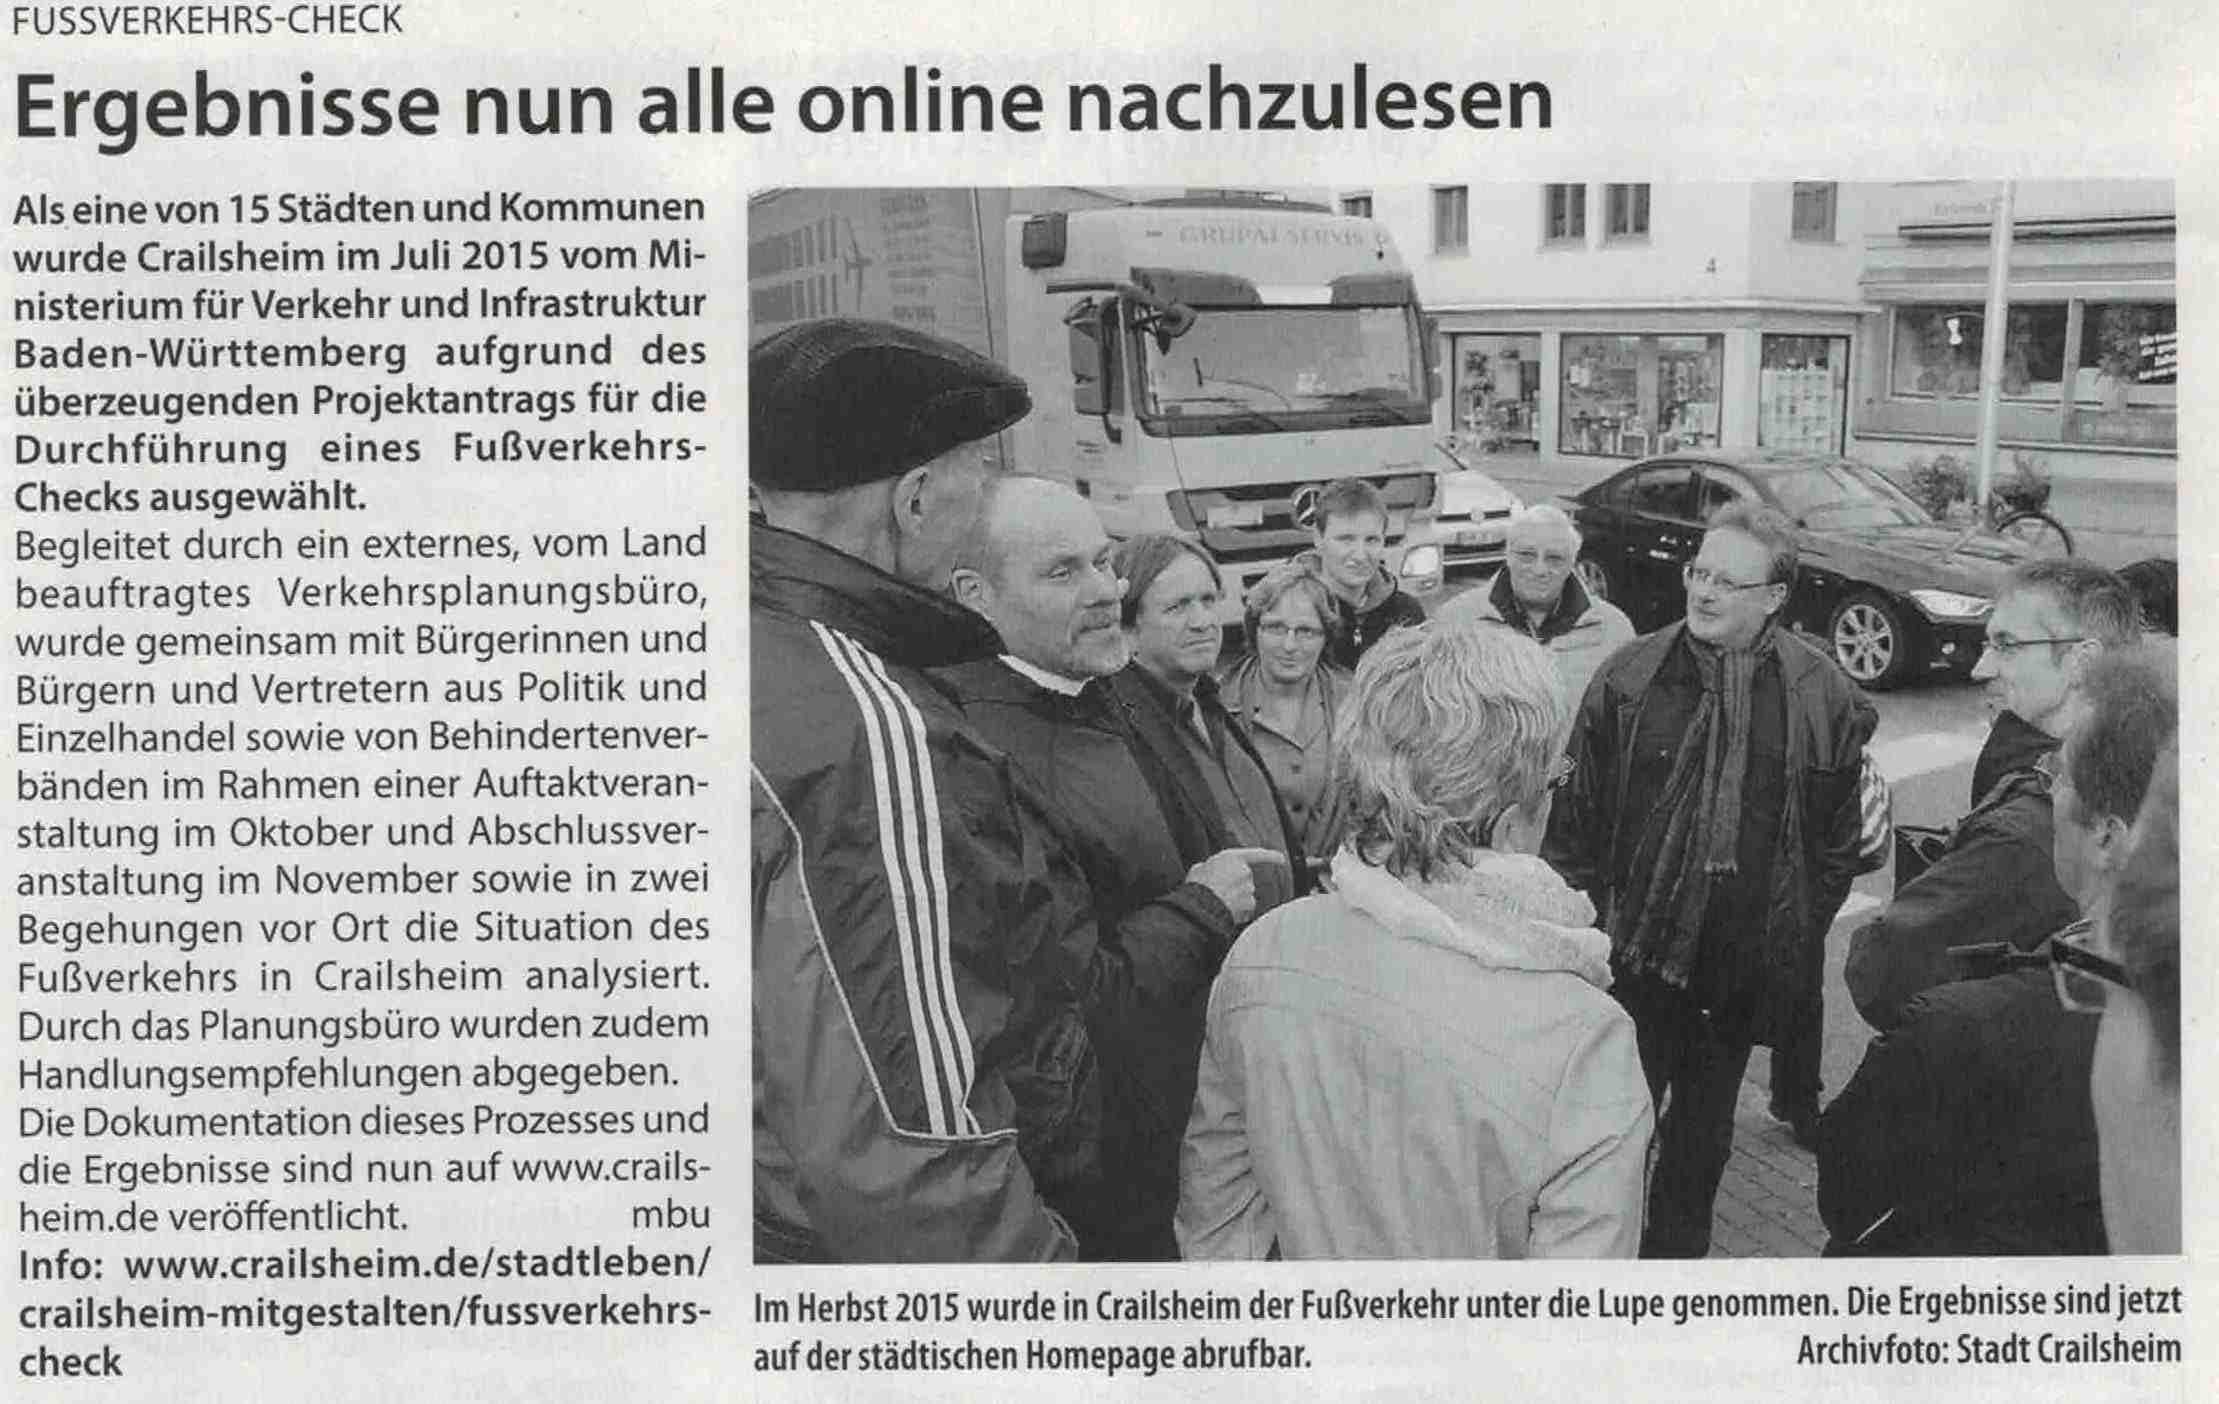 Stadtblatt 2016-2 Fugngercheck.jpg - 183.51 KB